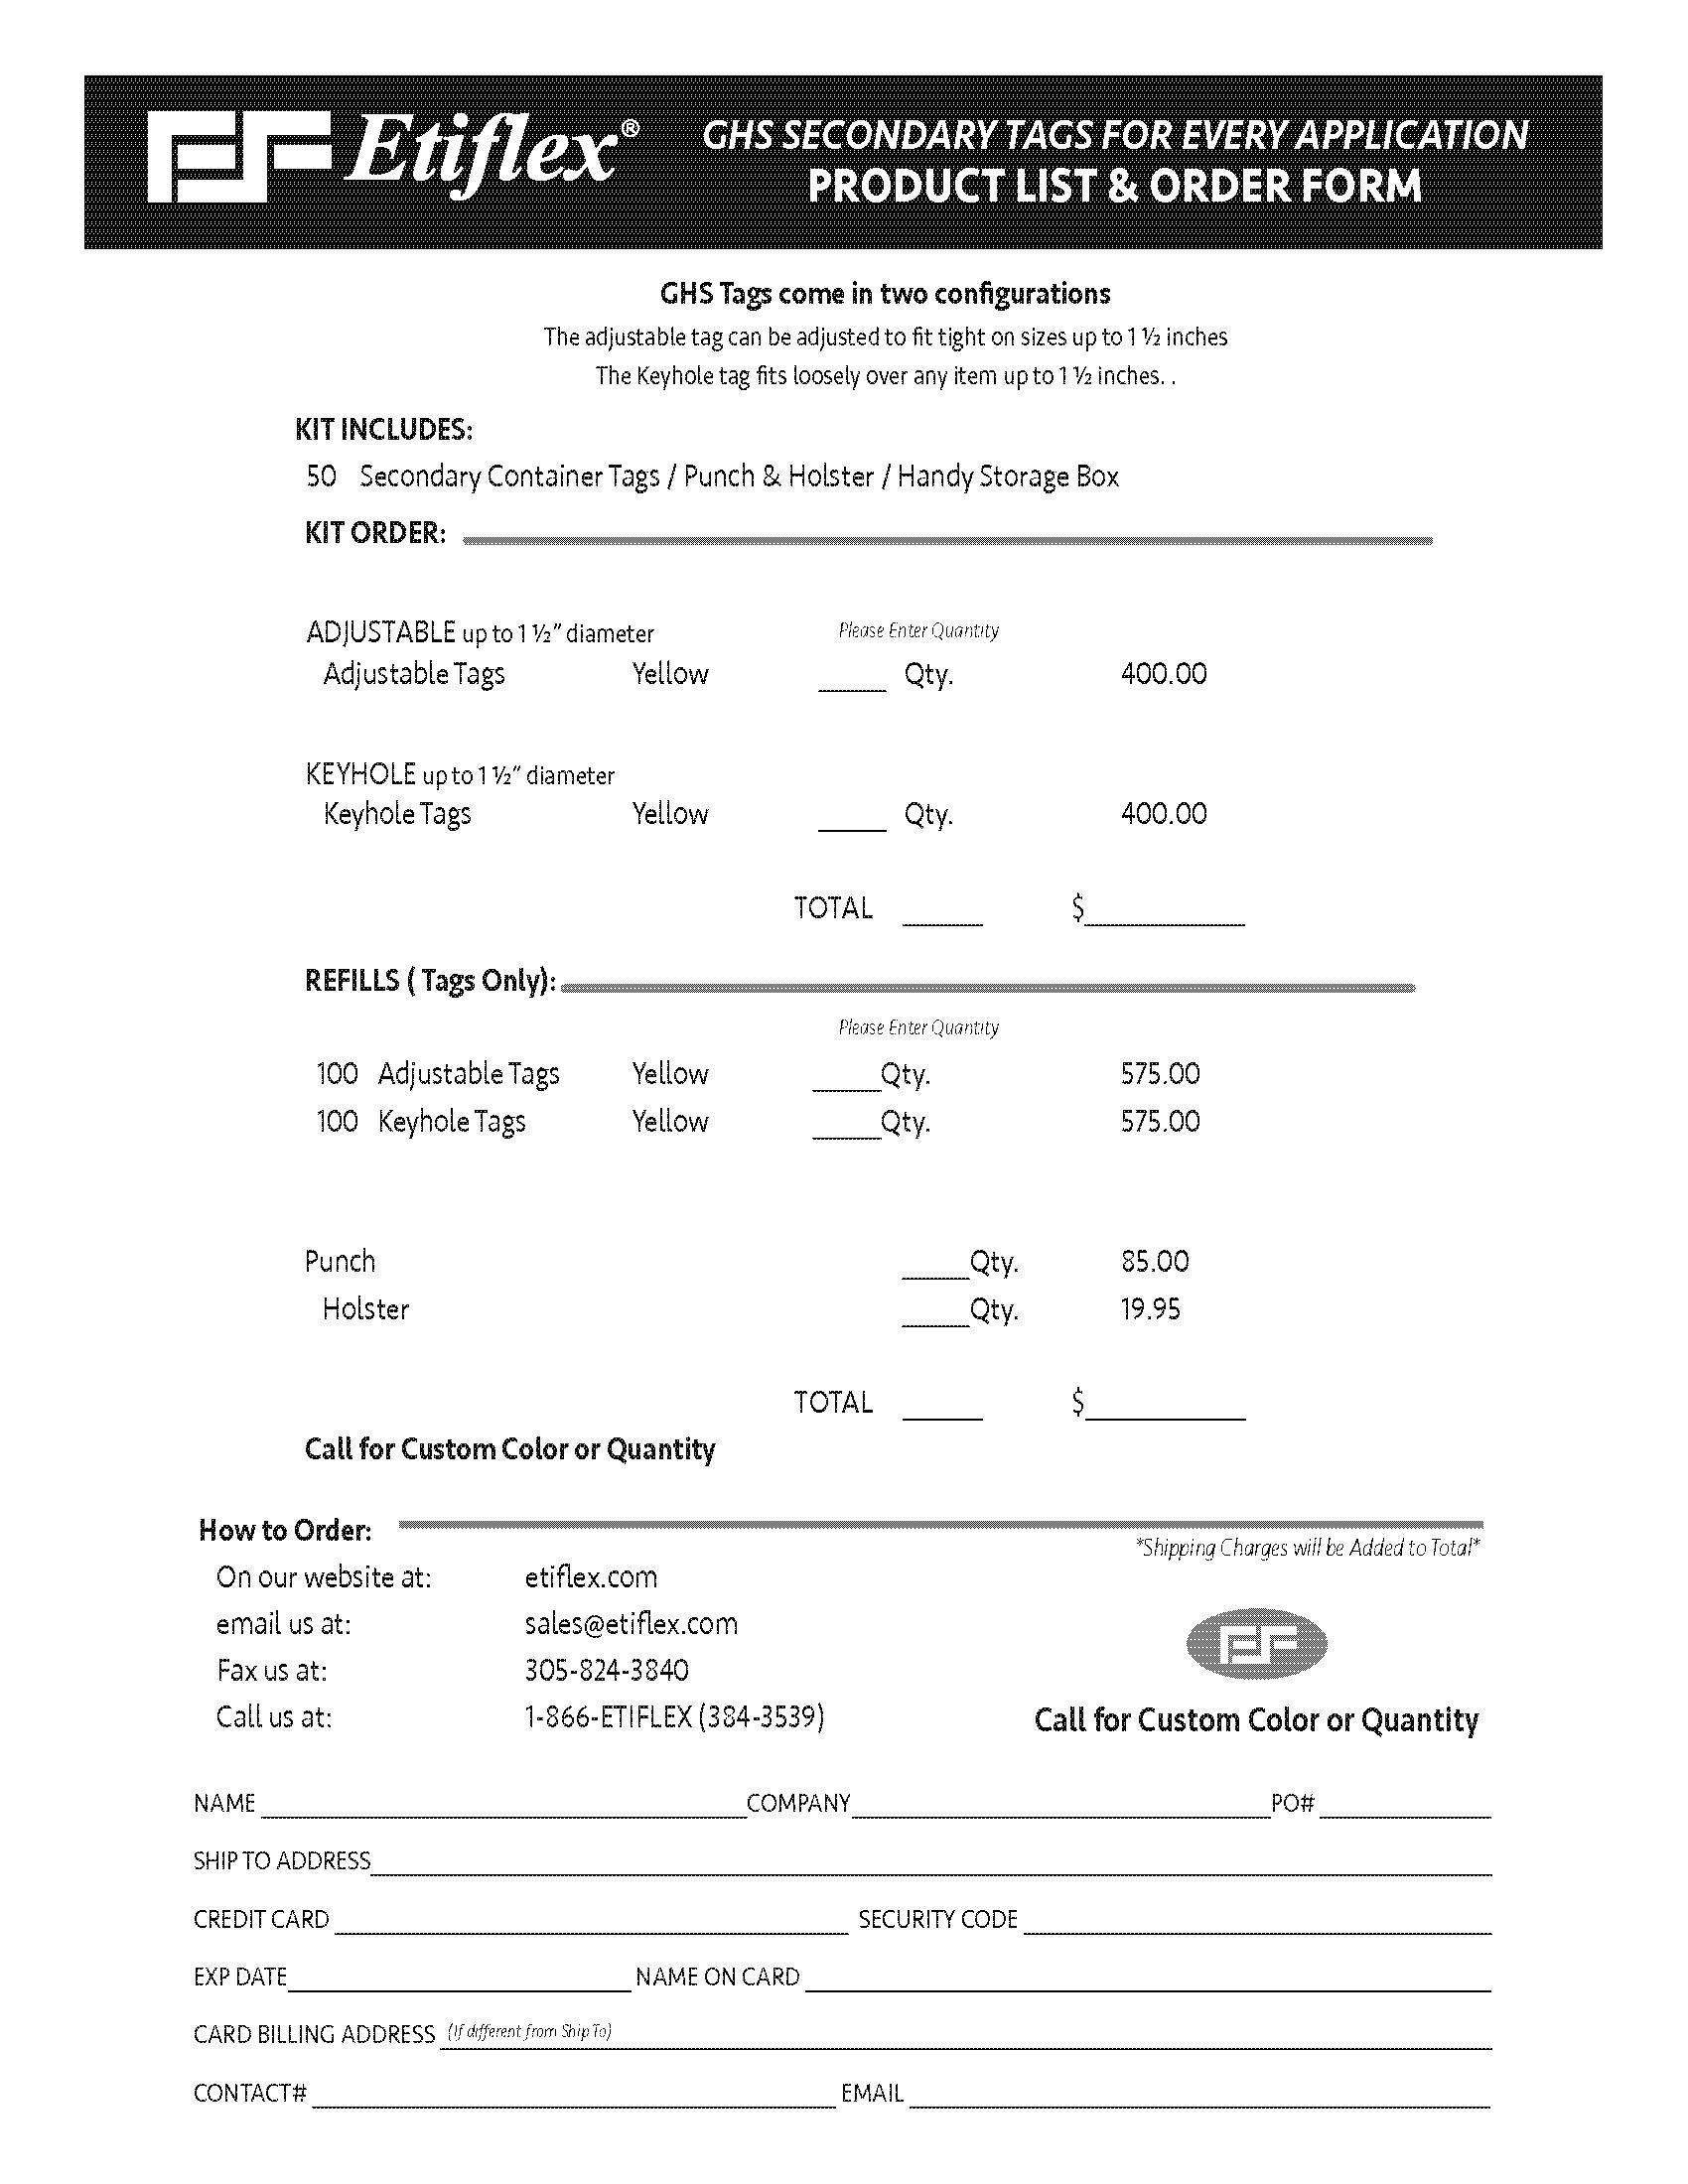 ETIFLEX GHS kit order